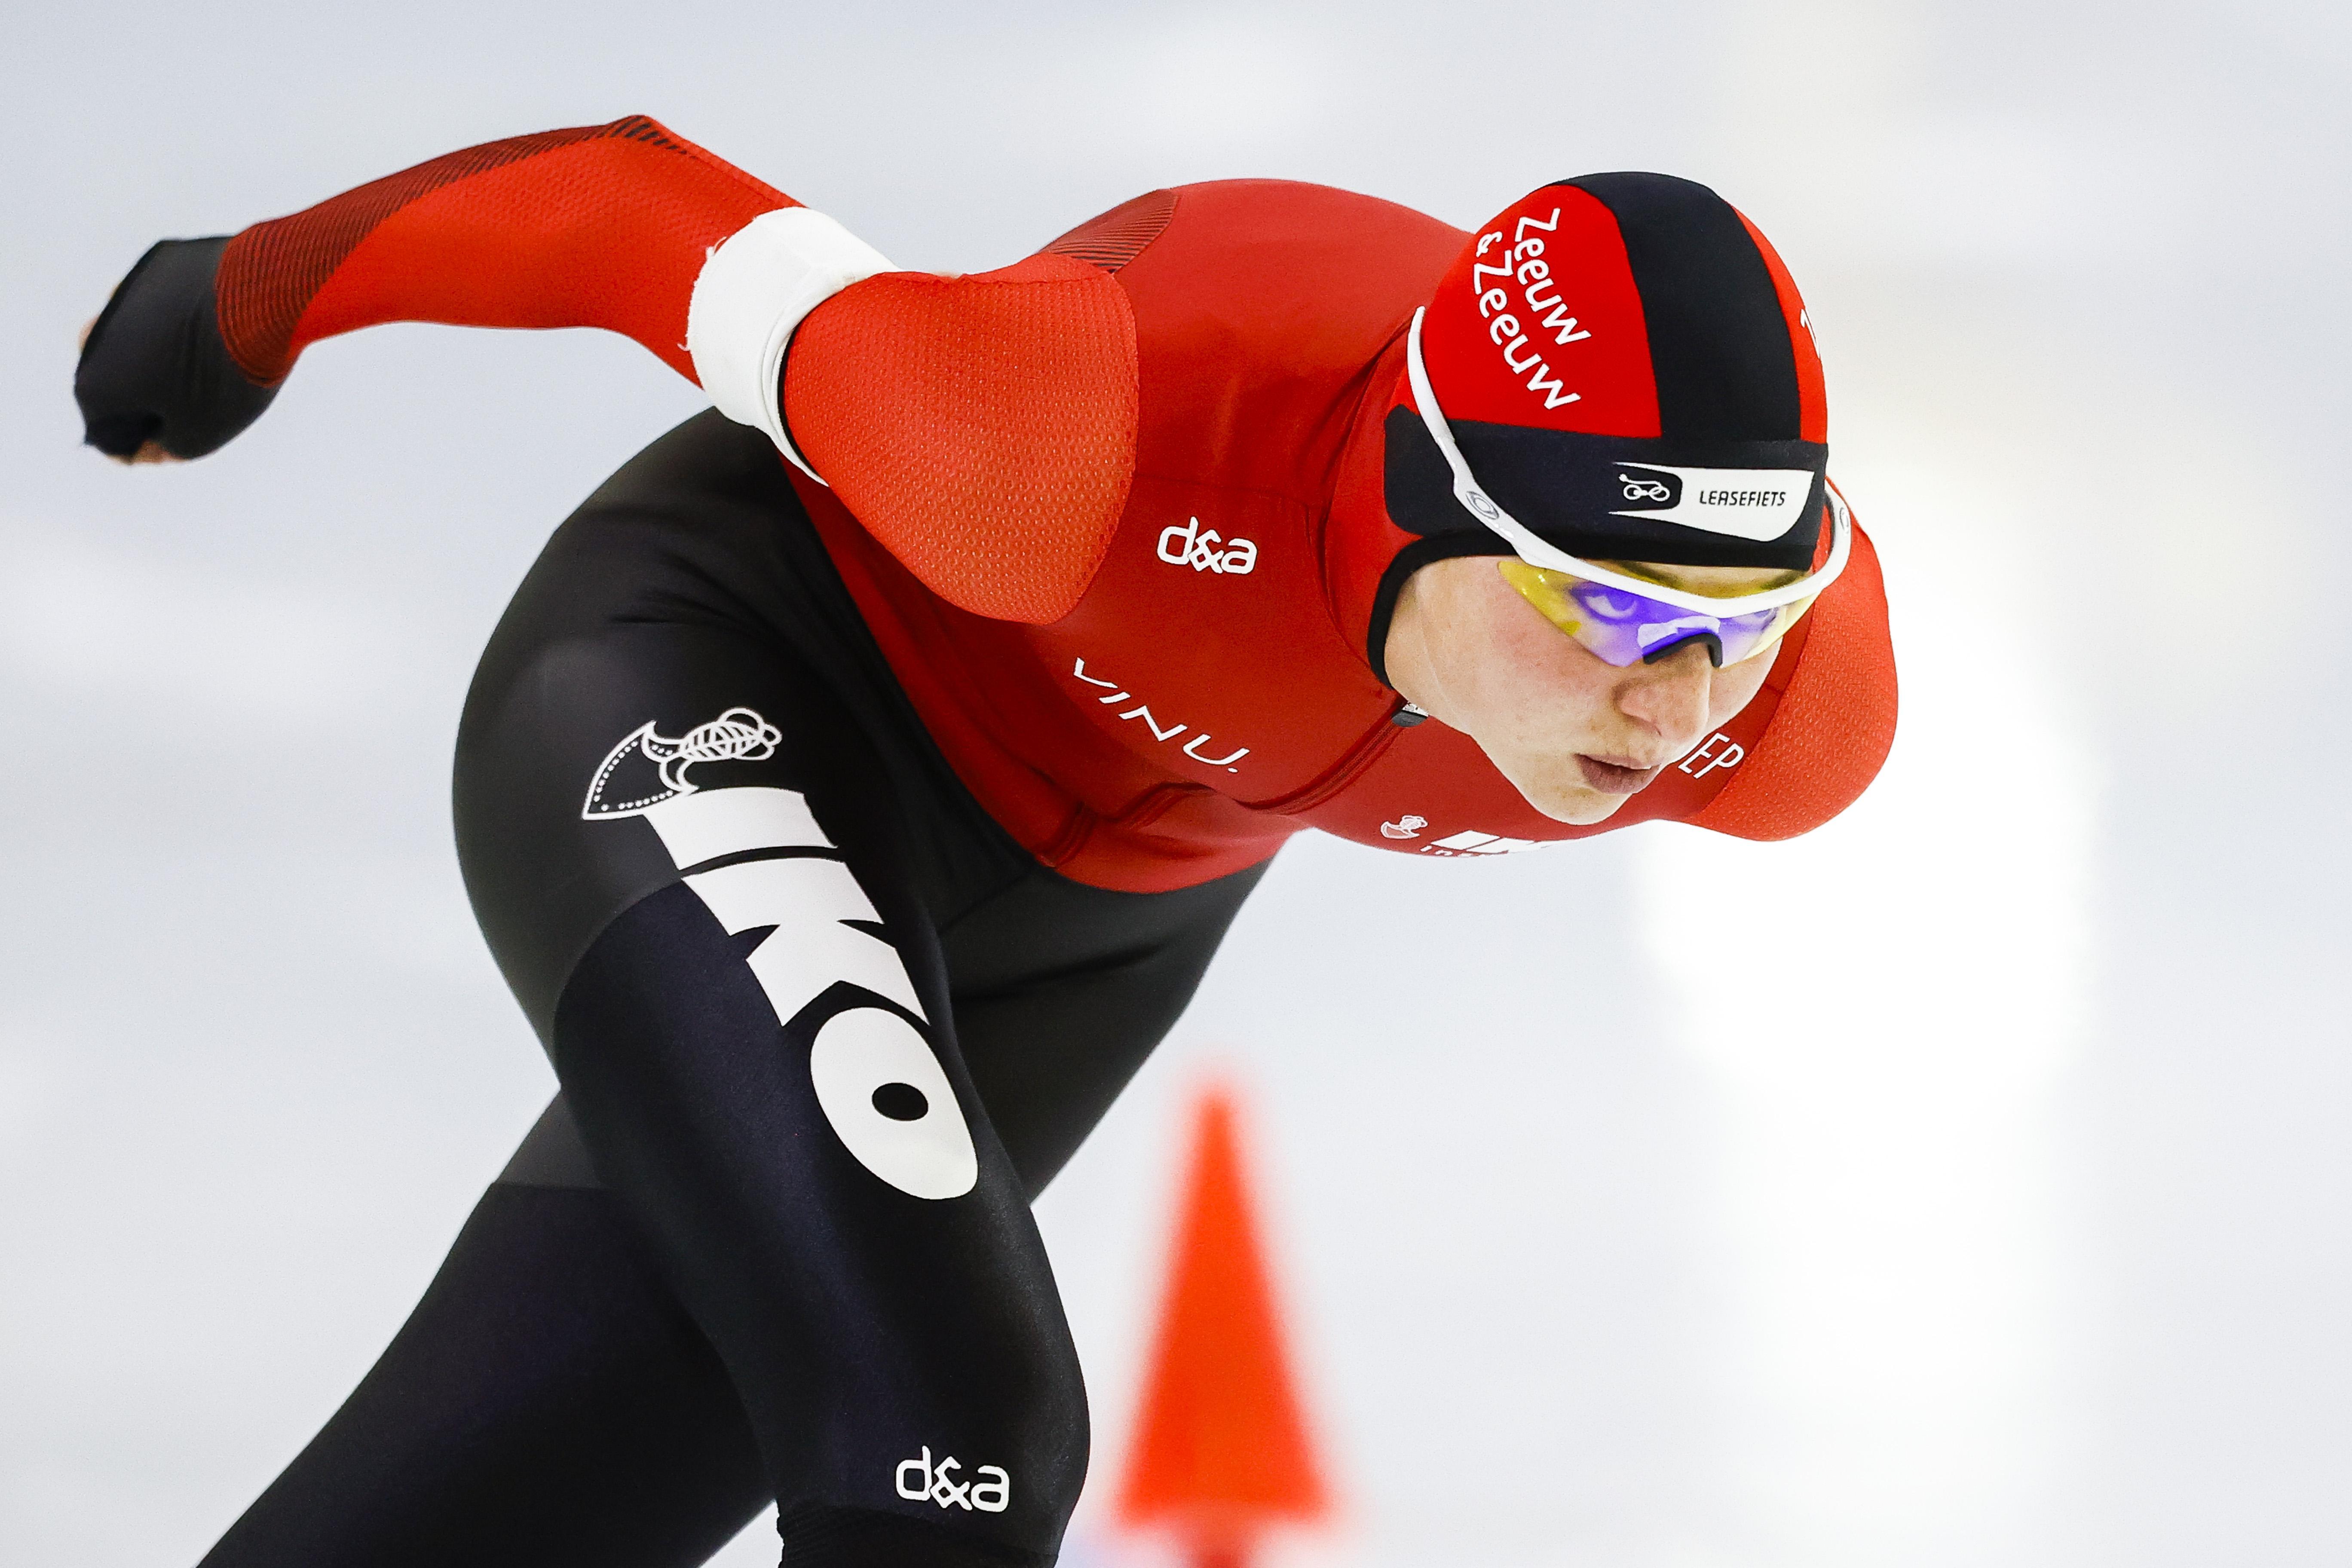 'Het is nog steeds gek, maar ik ben allang blij dat we weer een echte wedstrijd kunnen schaatsen', zegt Melissa Wijfje